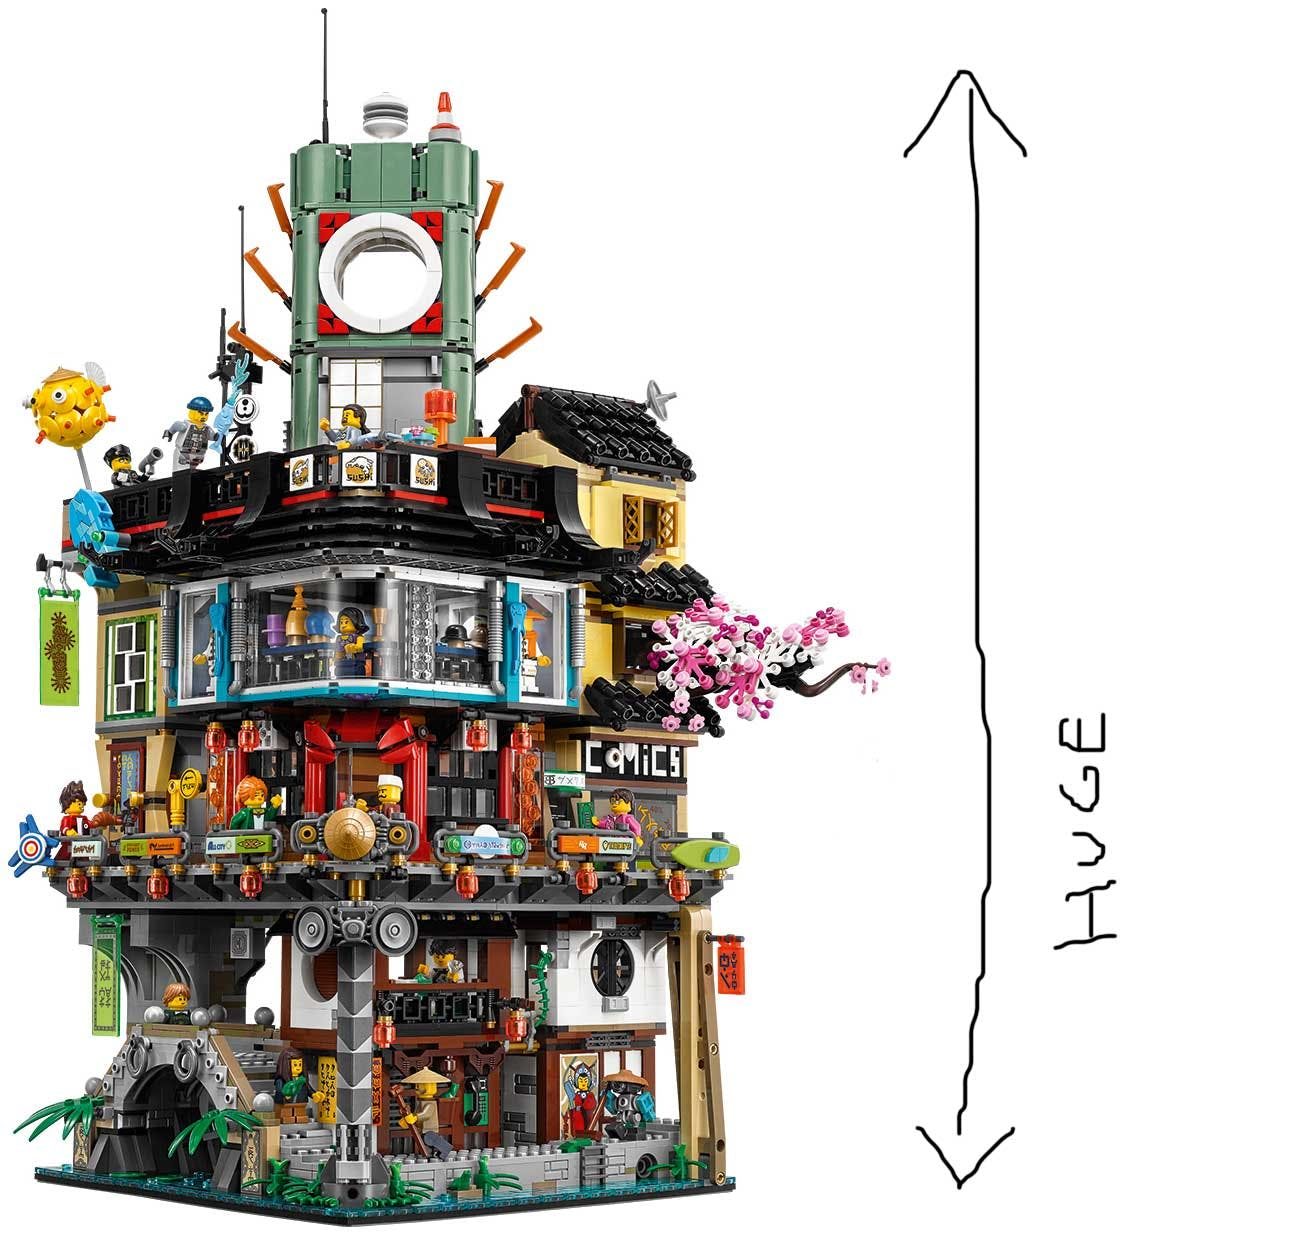 LEGO Ninjago Movie set